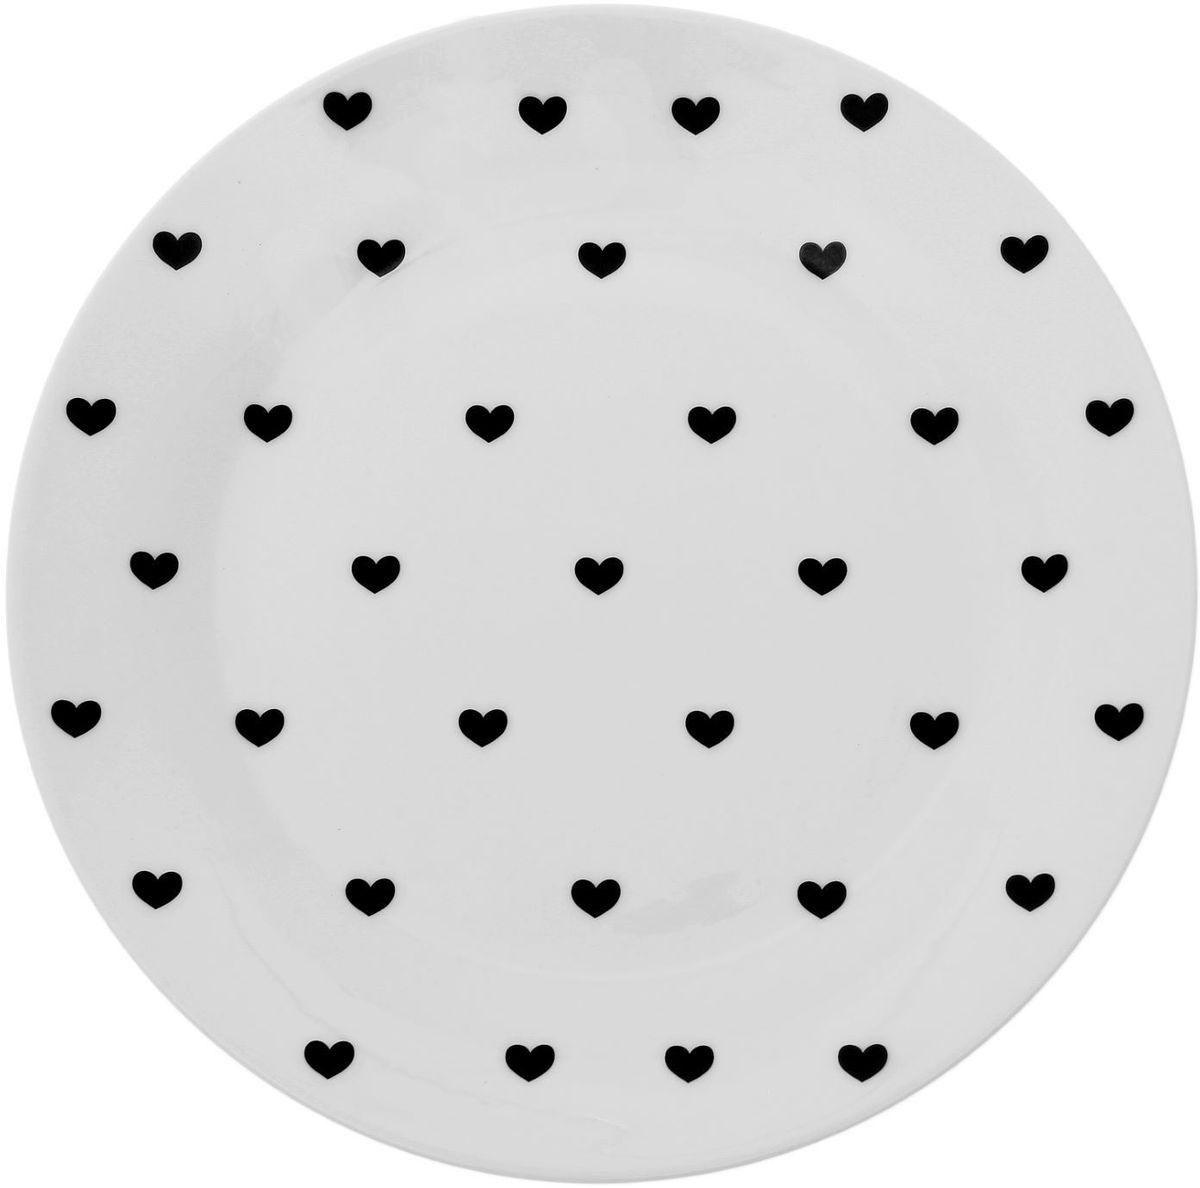 Тарелка мелкая Сотвори чудо Маленькое сердце, диаметр 23 см1661855Хотите обновить интерьер кухни или гостиной? Устраиваете необычную фотосессию или тематический праздник? А может, просто ищете подарок для близкого человека? Посуда Сотвори Чудо — правильный выбор в любой ситуации. Тарелка Сотвори Чудо, изготовленная из изящного фаянса нежного сливочного цвета, оформлена оригинальным рисунком со стойкой краской. Пригодна для посудомоечной машины.